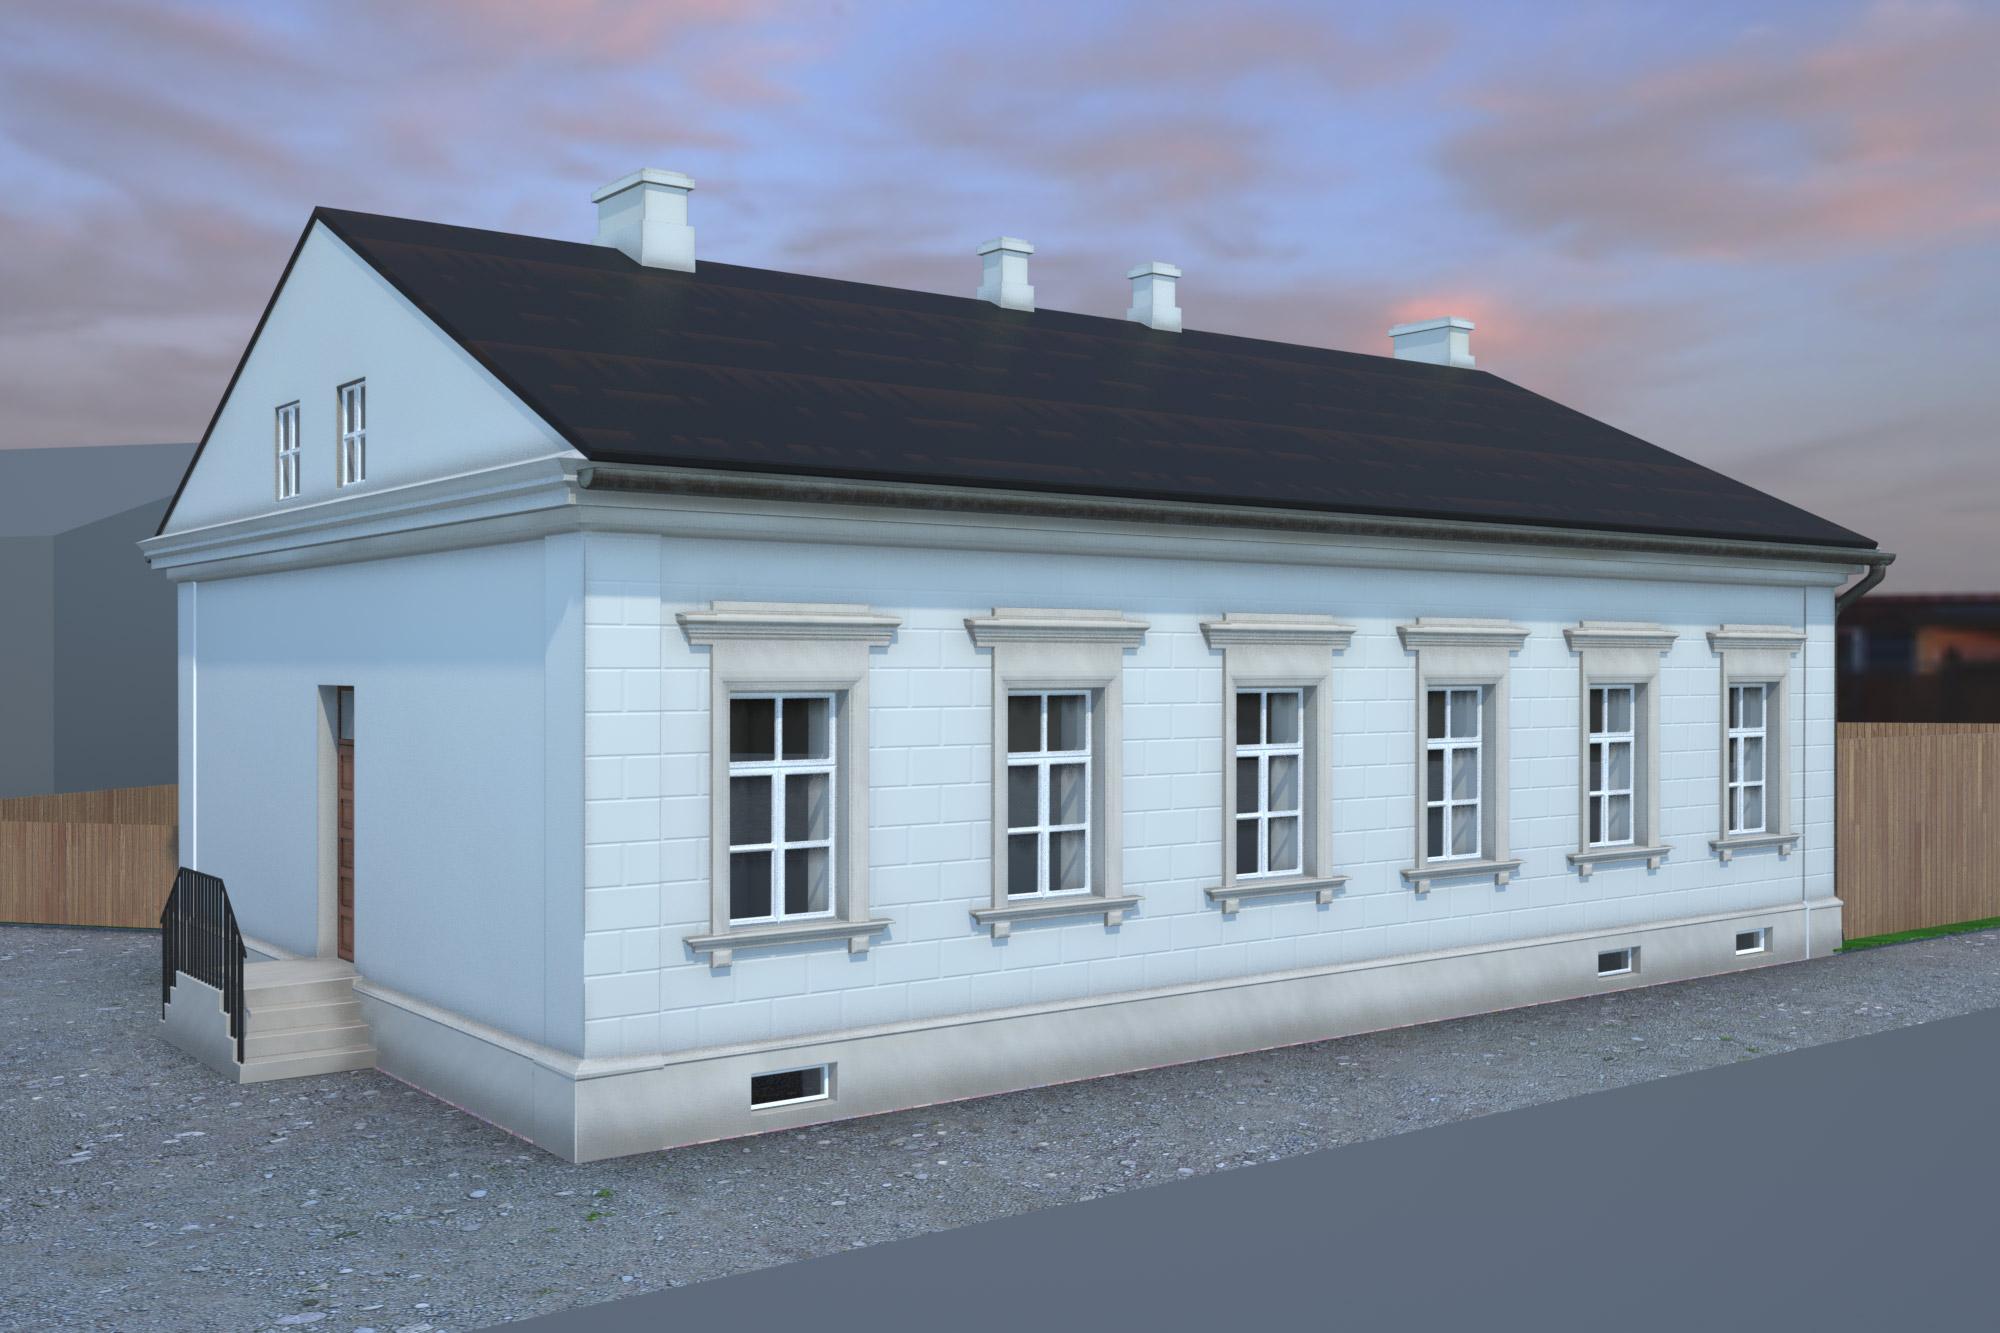 Budynek administracyjno-mieszkalny, widziany odstrony ulicy Wolność / rys. Michał Chęciński